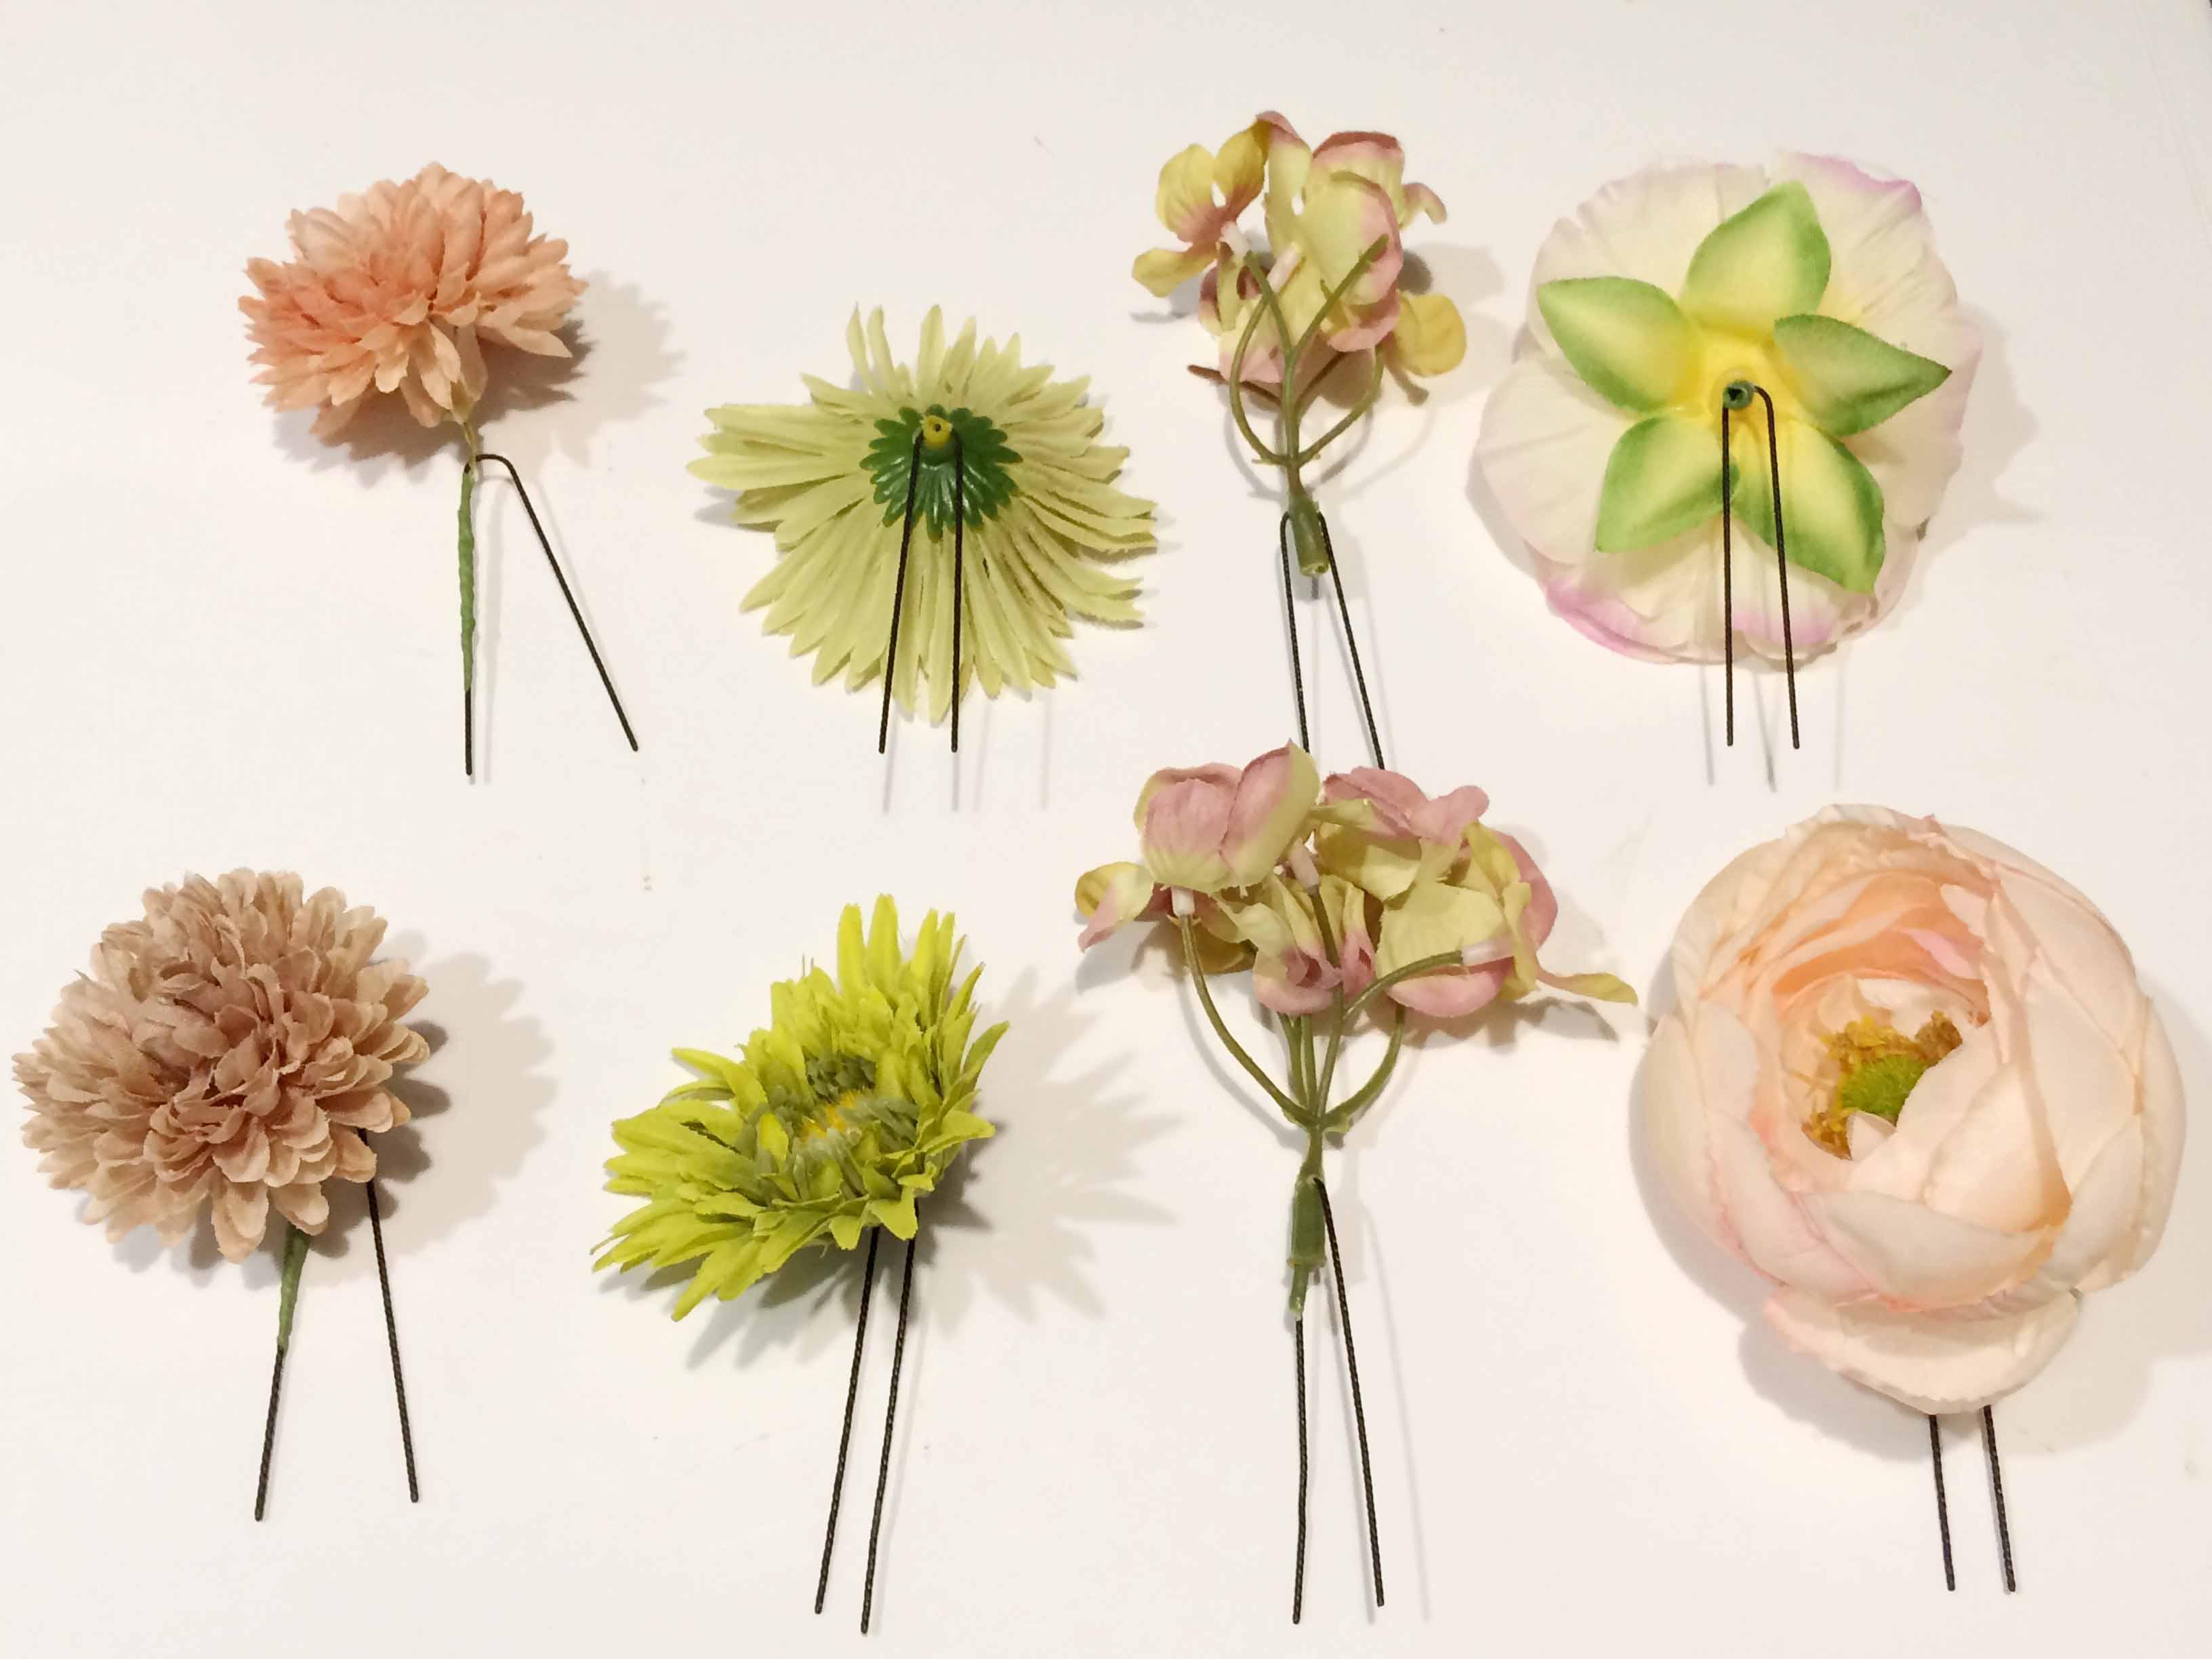 セルフでできる!造花をヘアアクセにする簡単な作り方